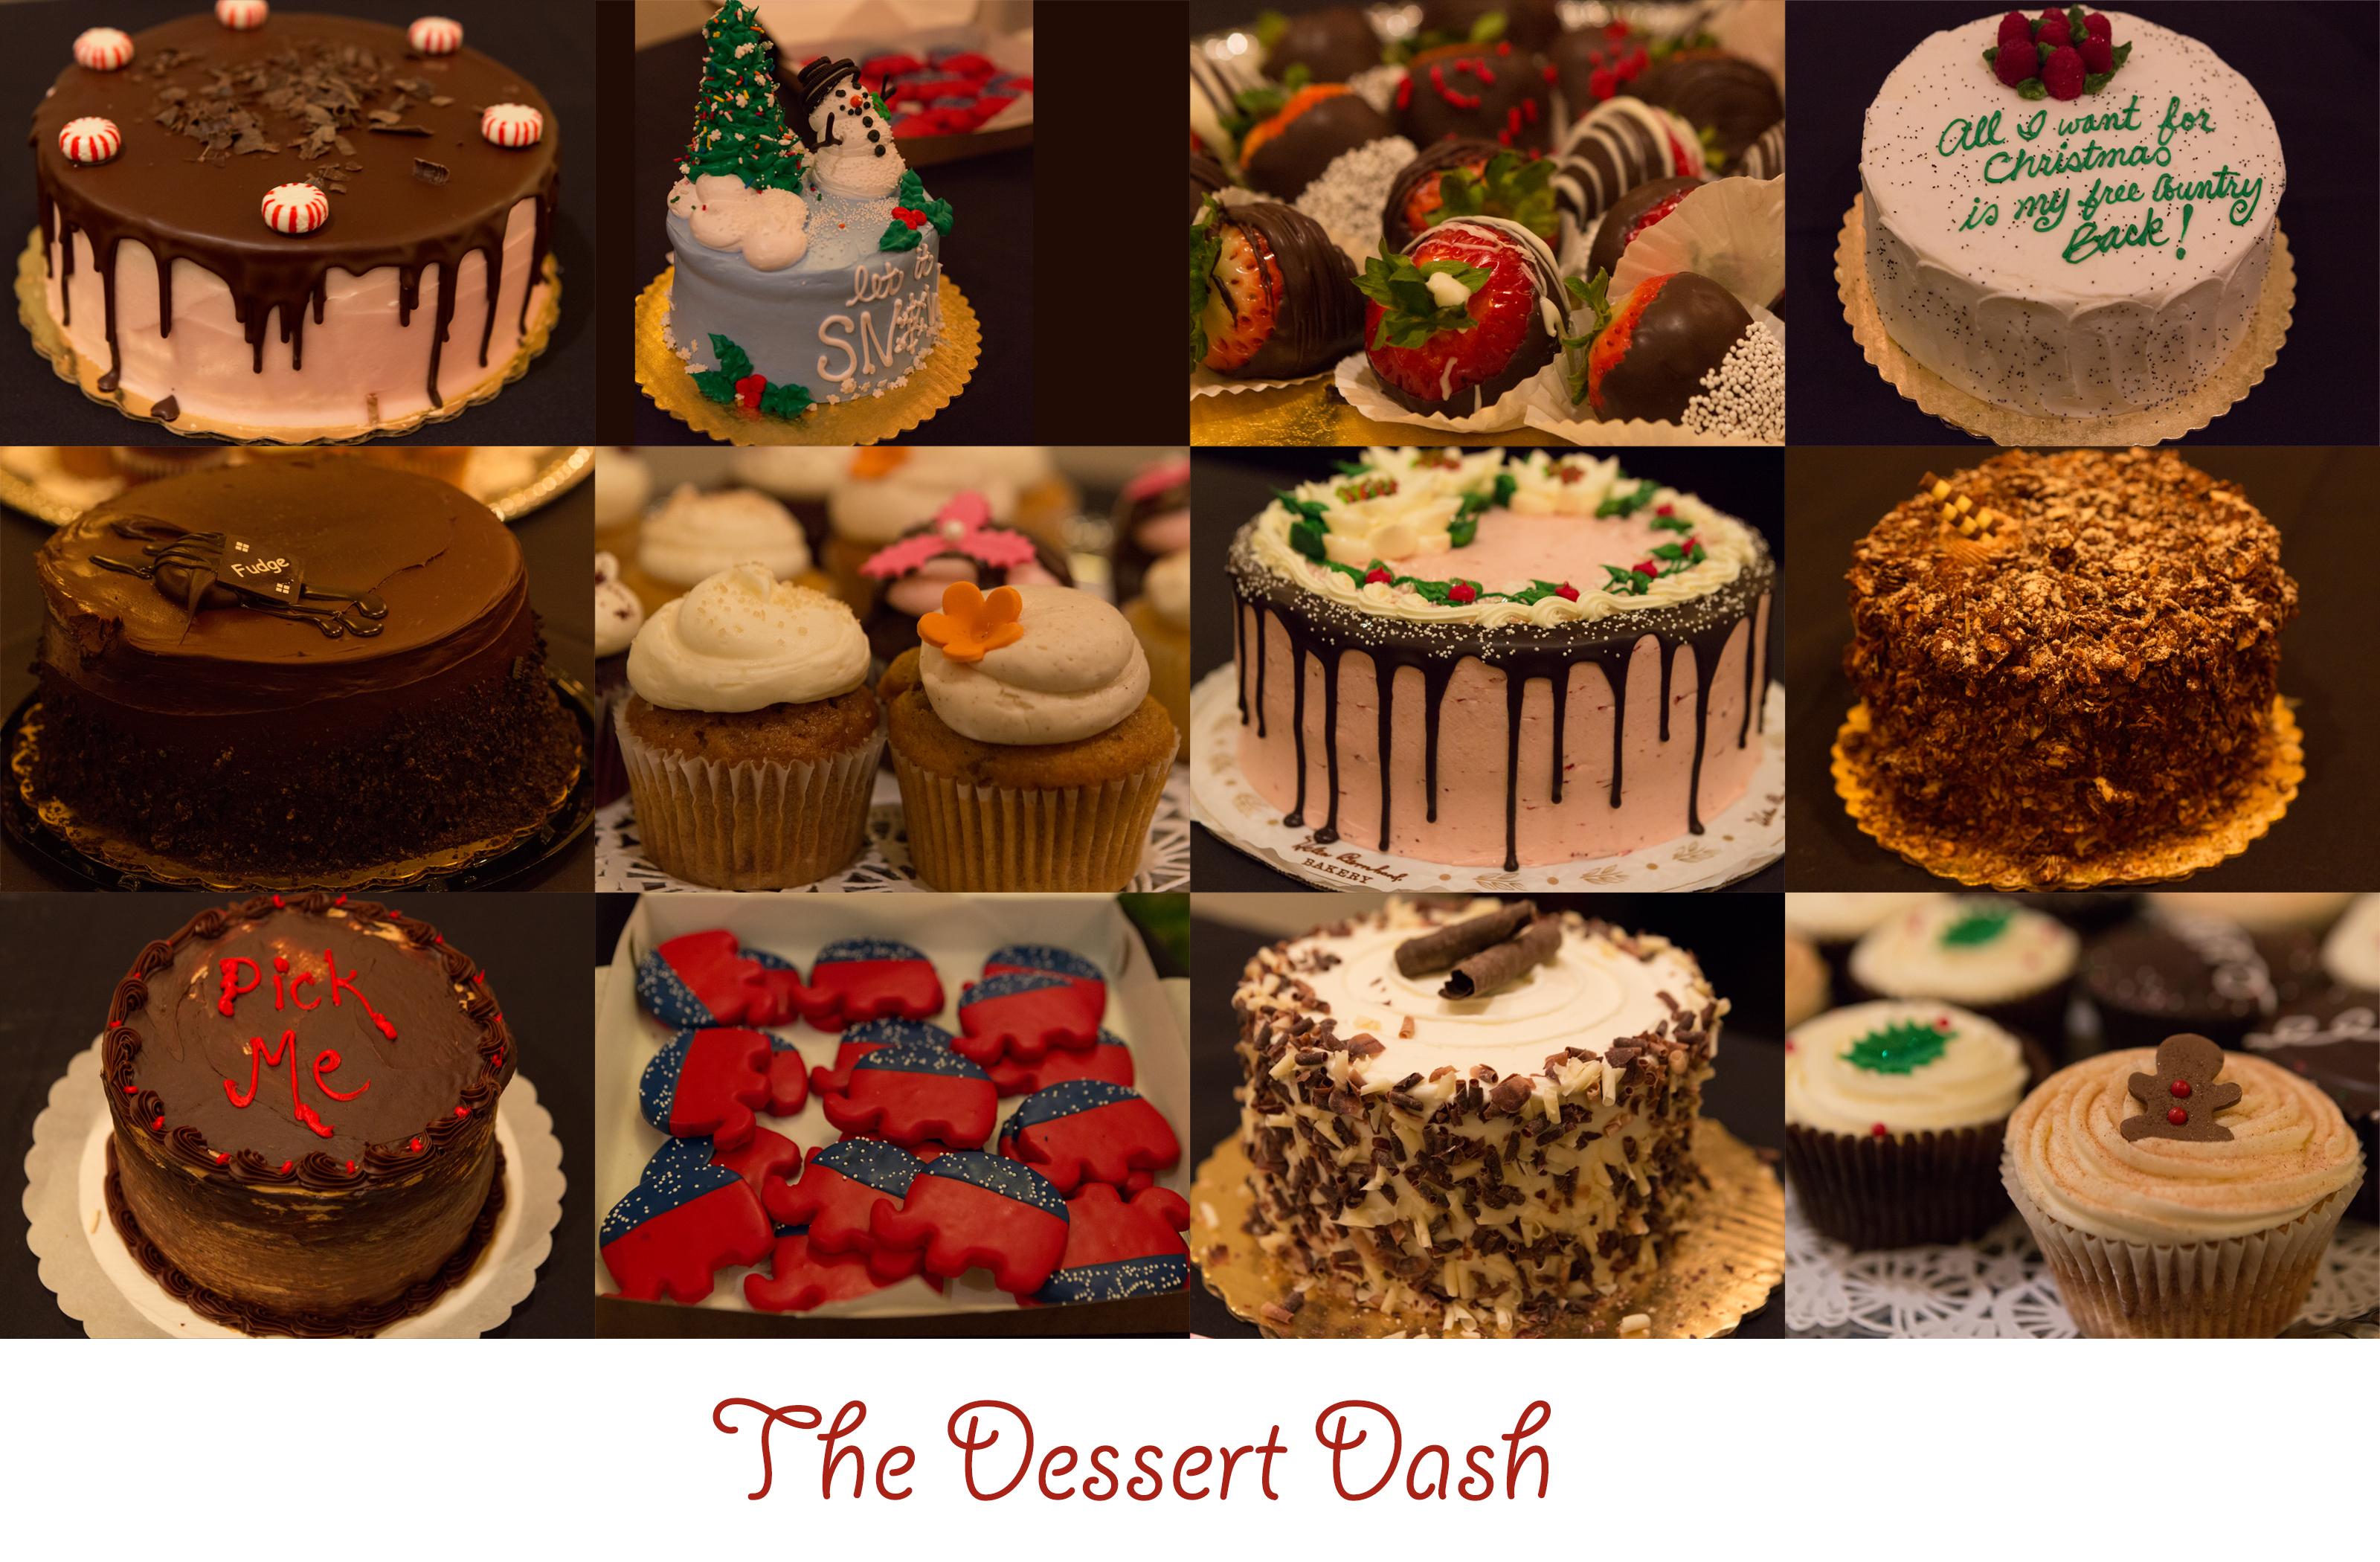 dessert_dash_text_(1).jpg